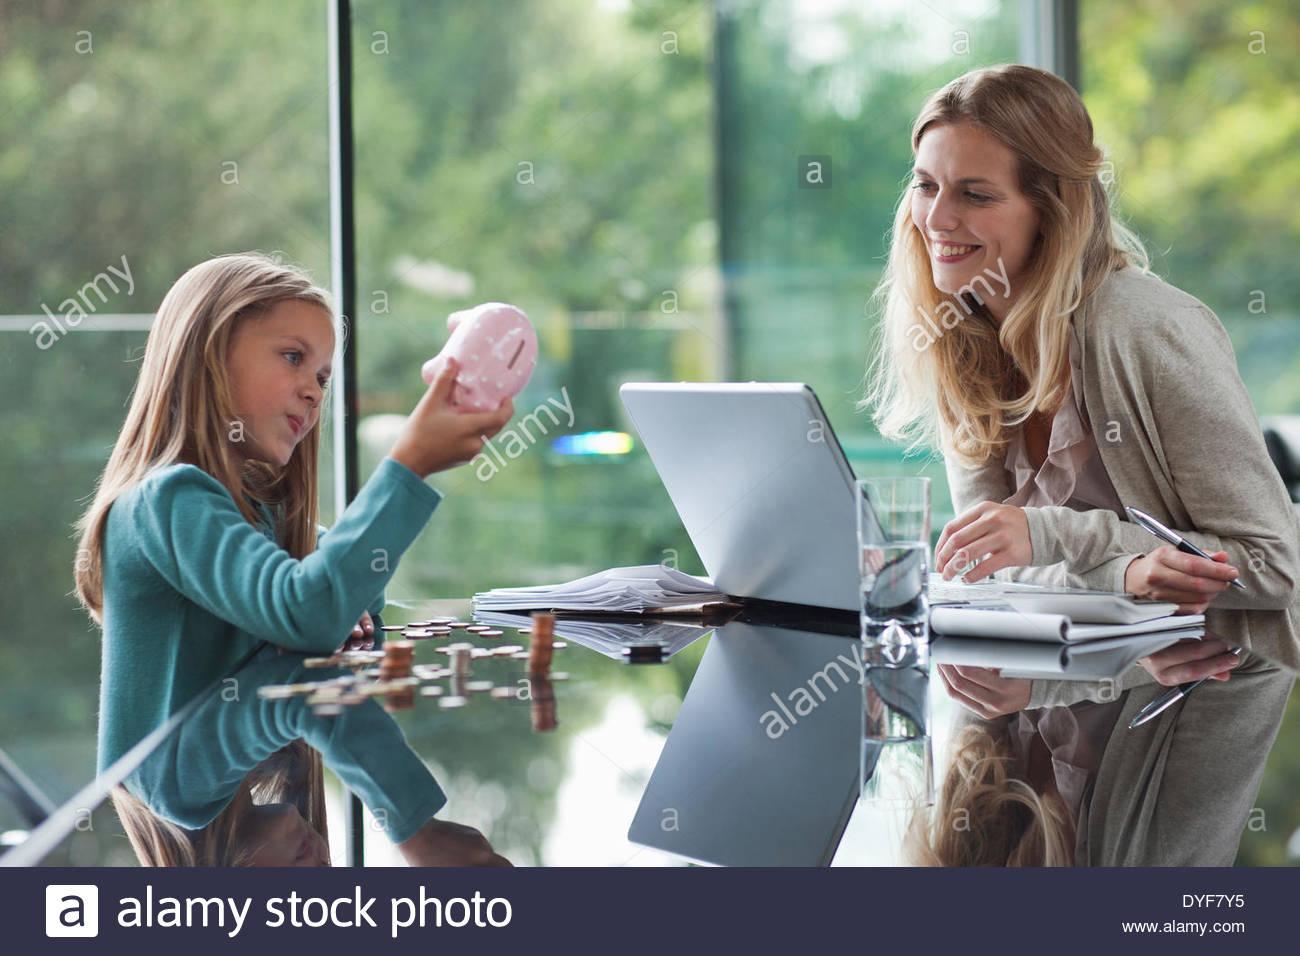 Mutter Tochter Graf Münzen aus Sparschwein beobachten Stockbild